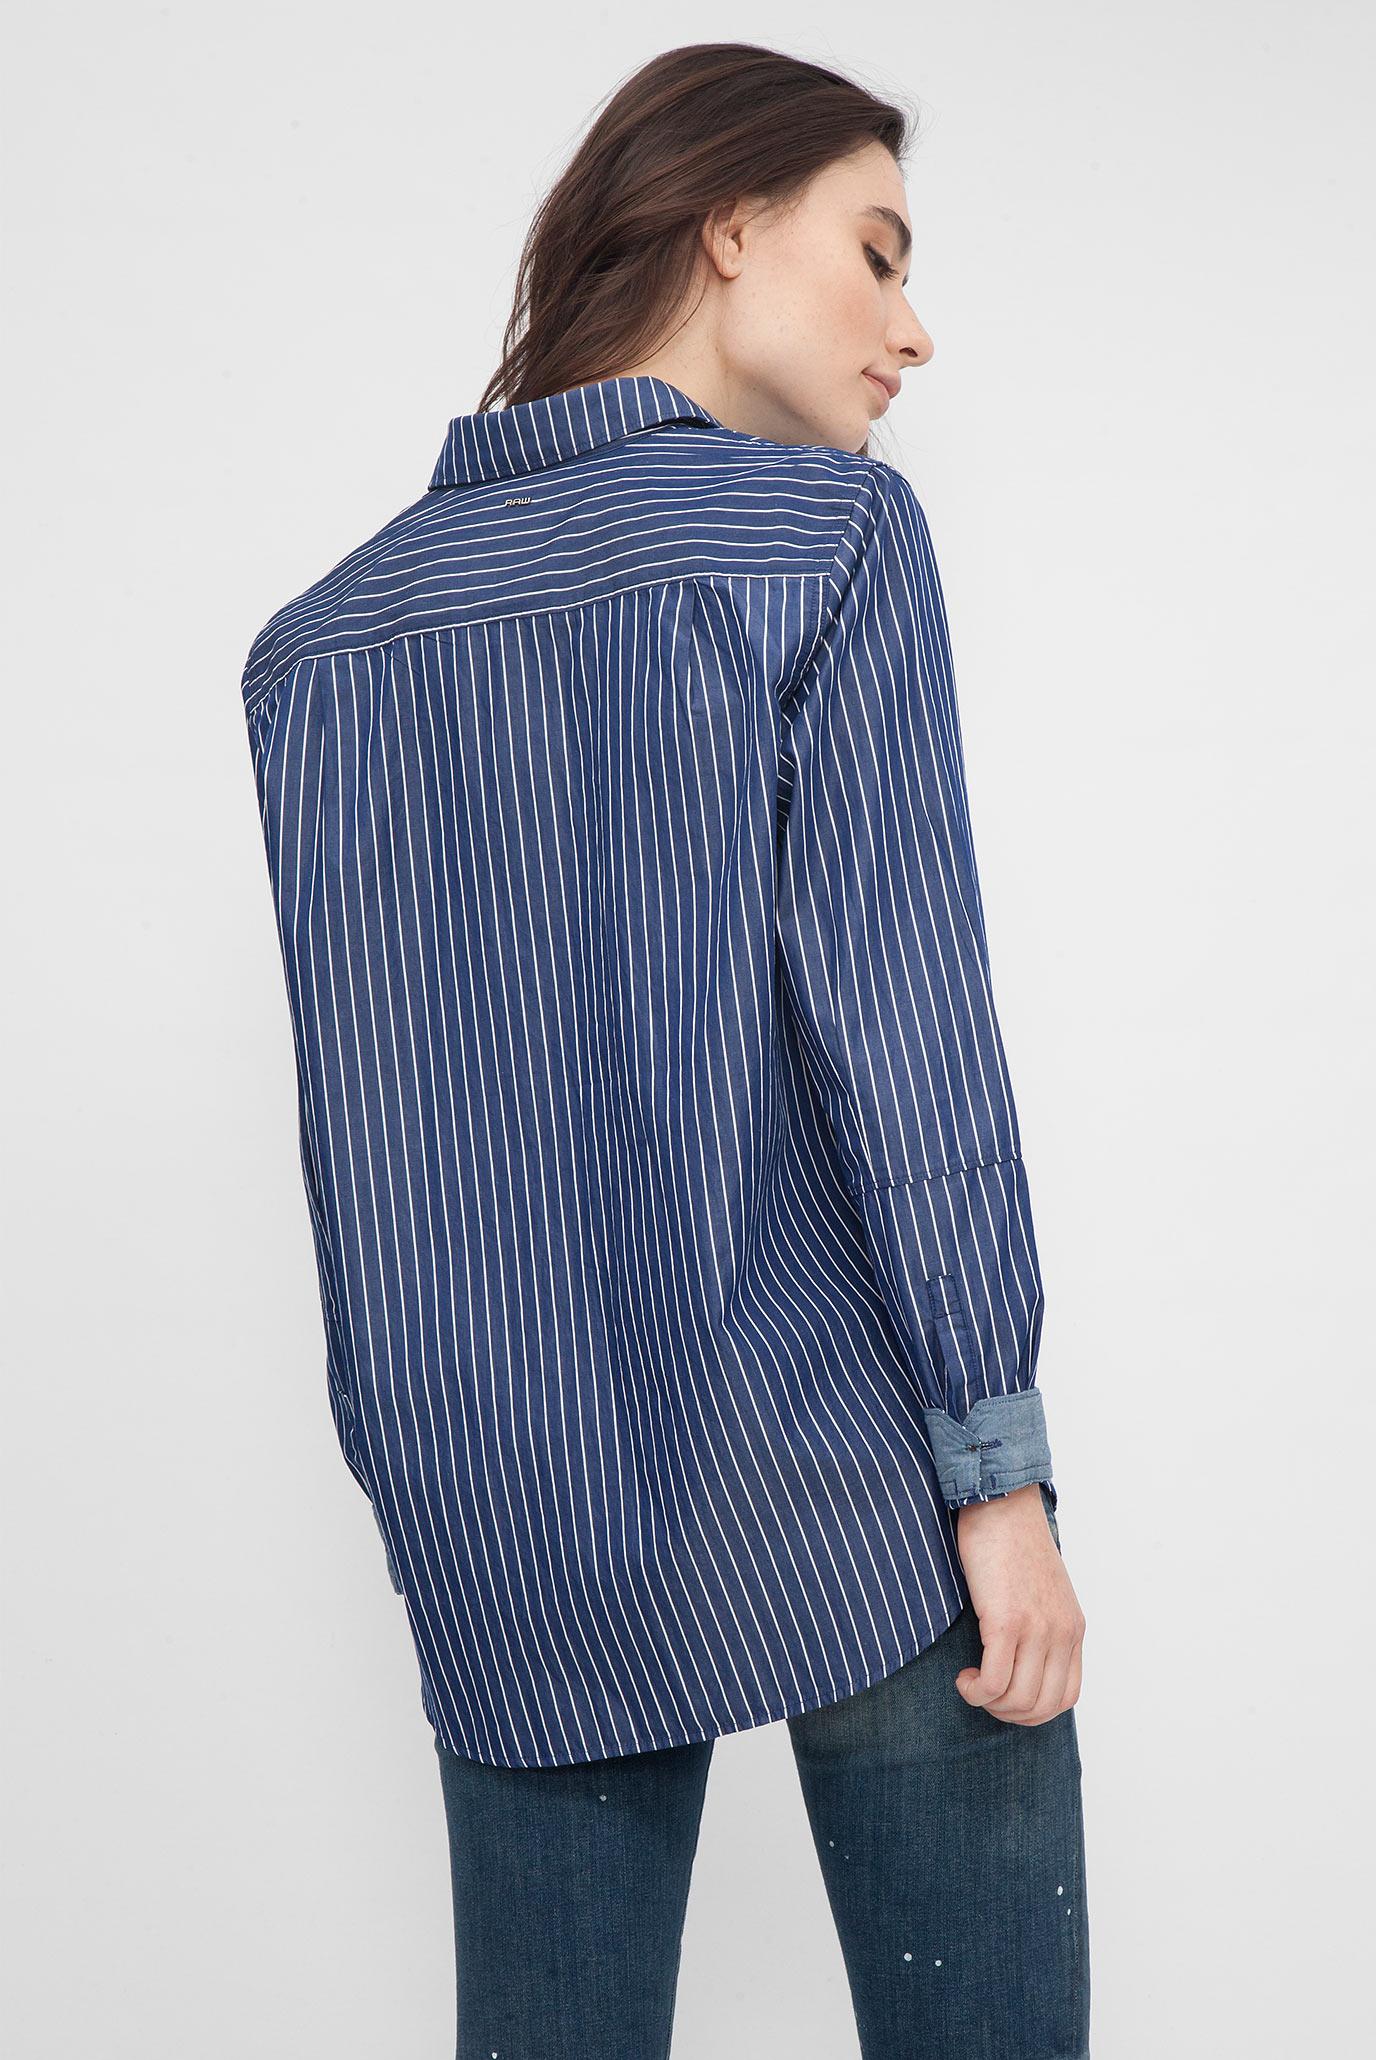 Купить Женская синяя рубашка в полоску G-Star RAW G-Star RAW D04691,8750 – Киев, Украина. Цены в интернет магазине MD Fashion